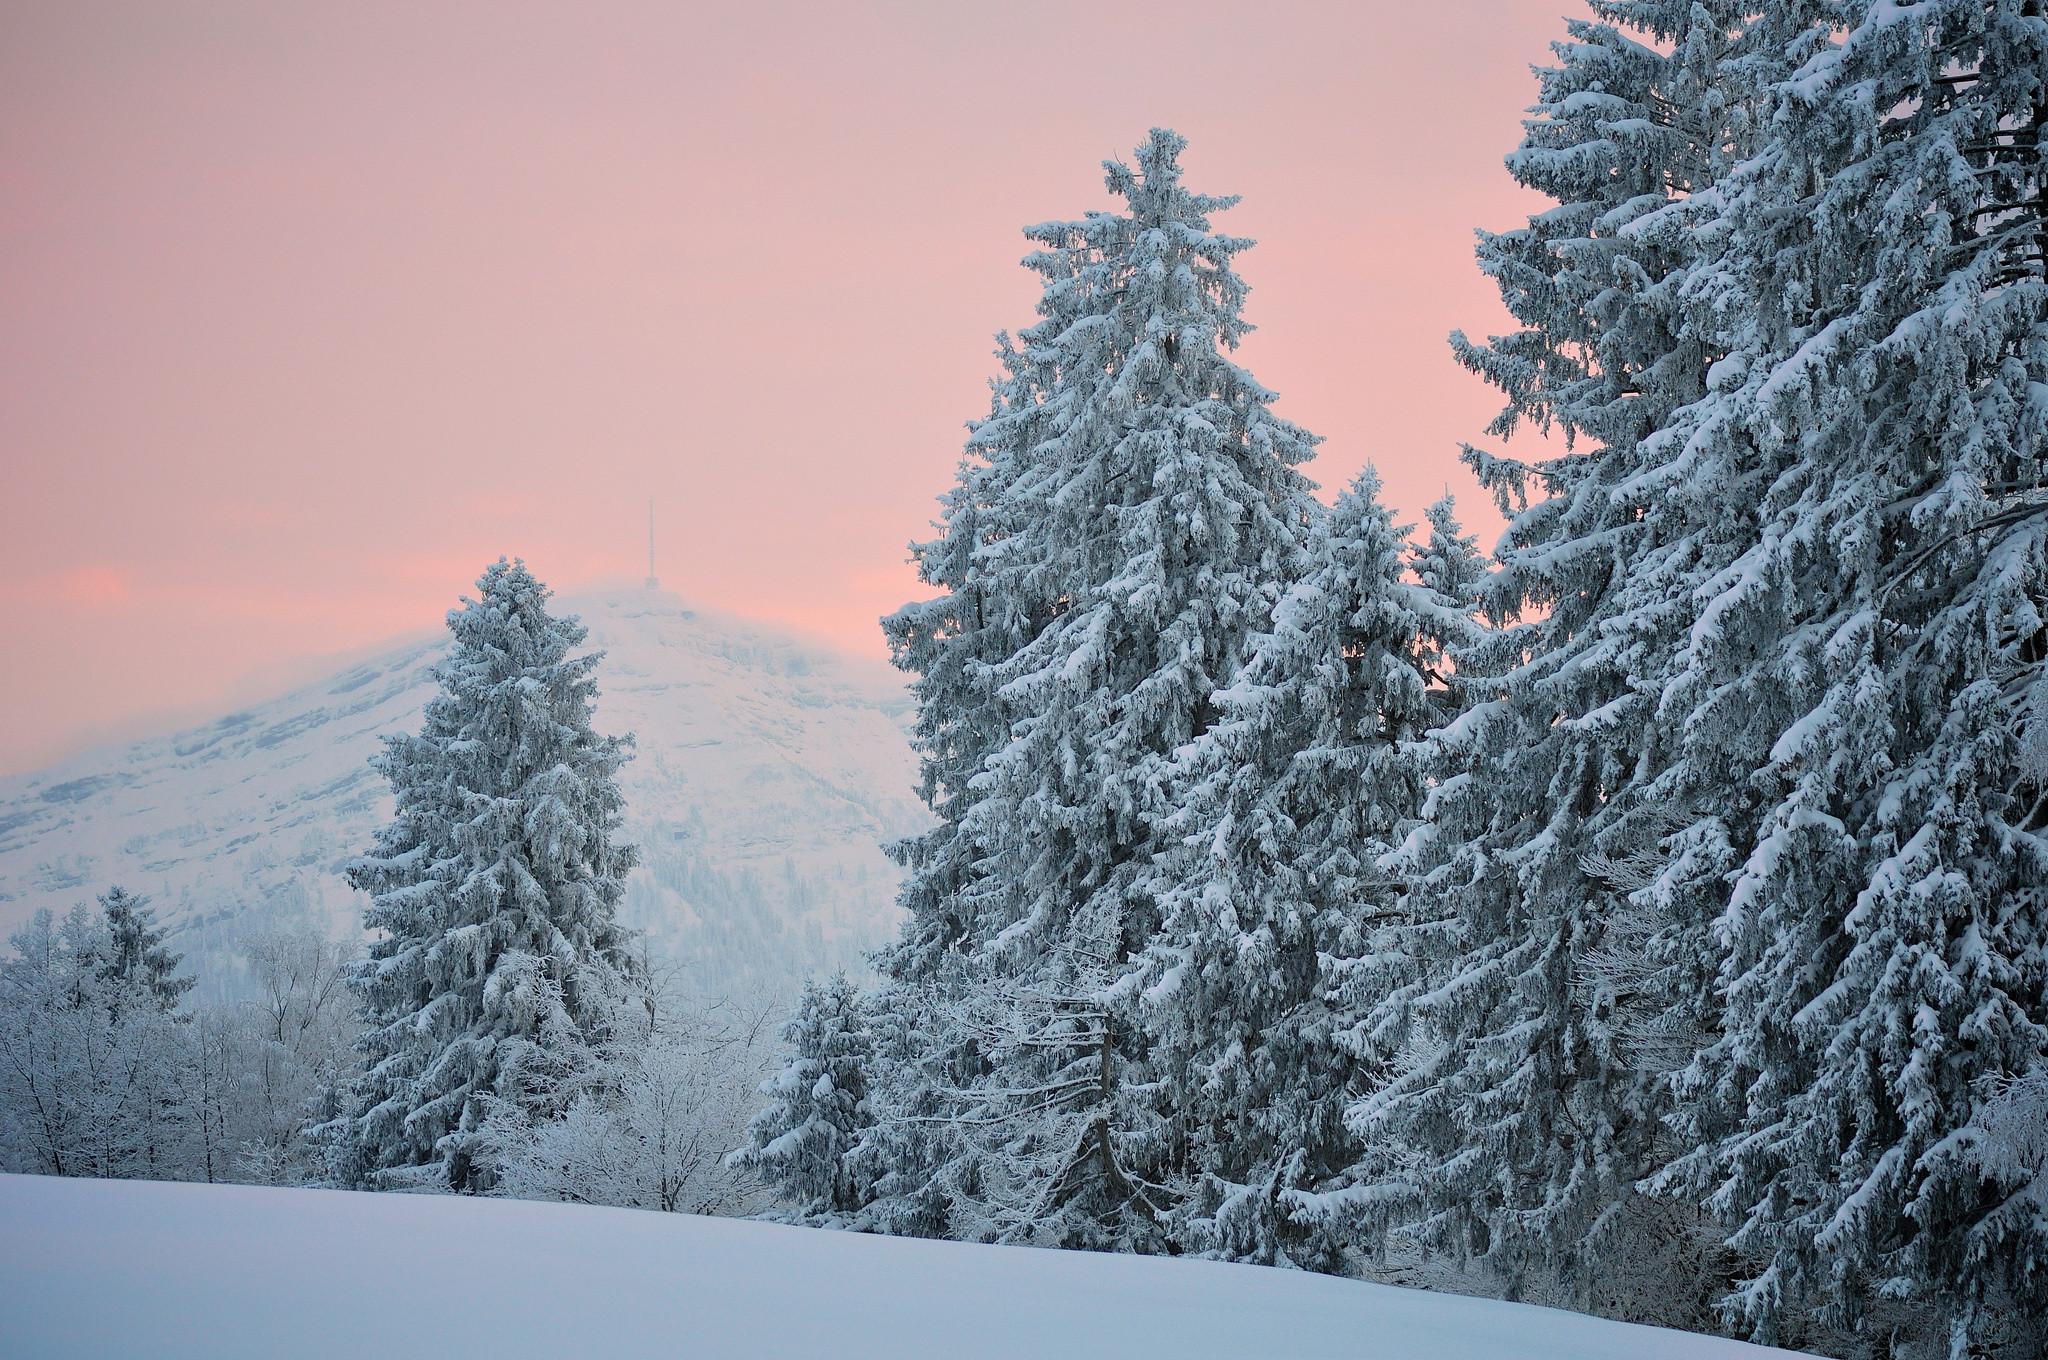 Blue Spruce Winter Snow Desktop Wallpaper Uploaded by DesktopWalls